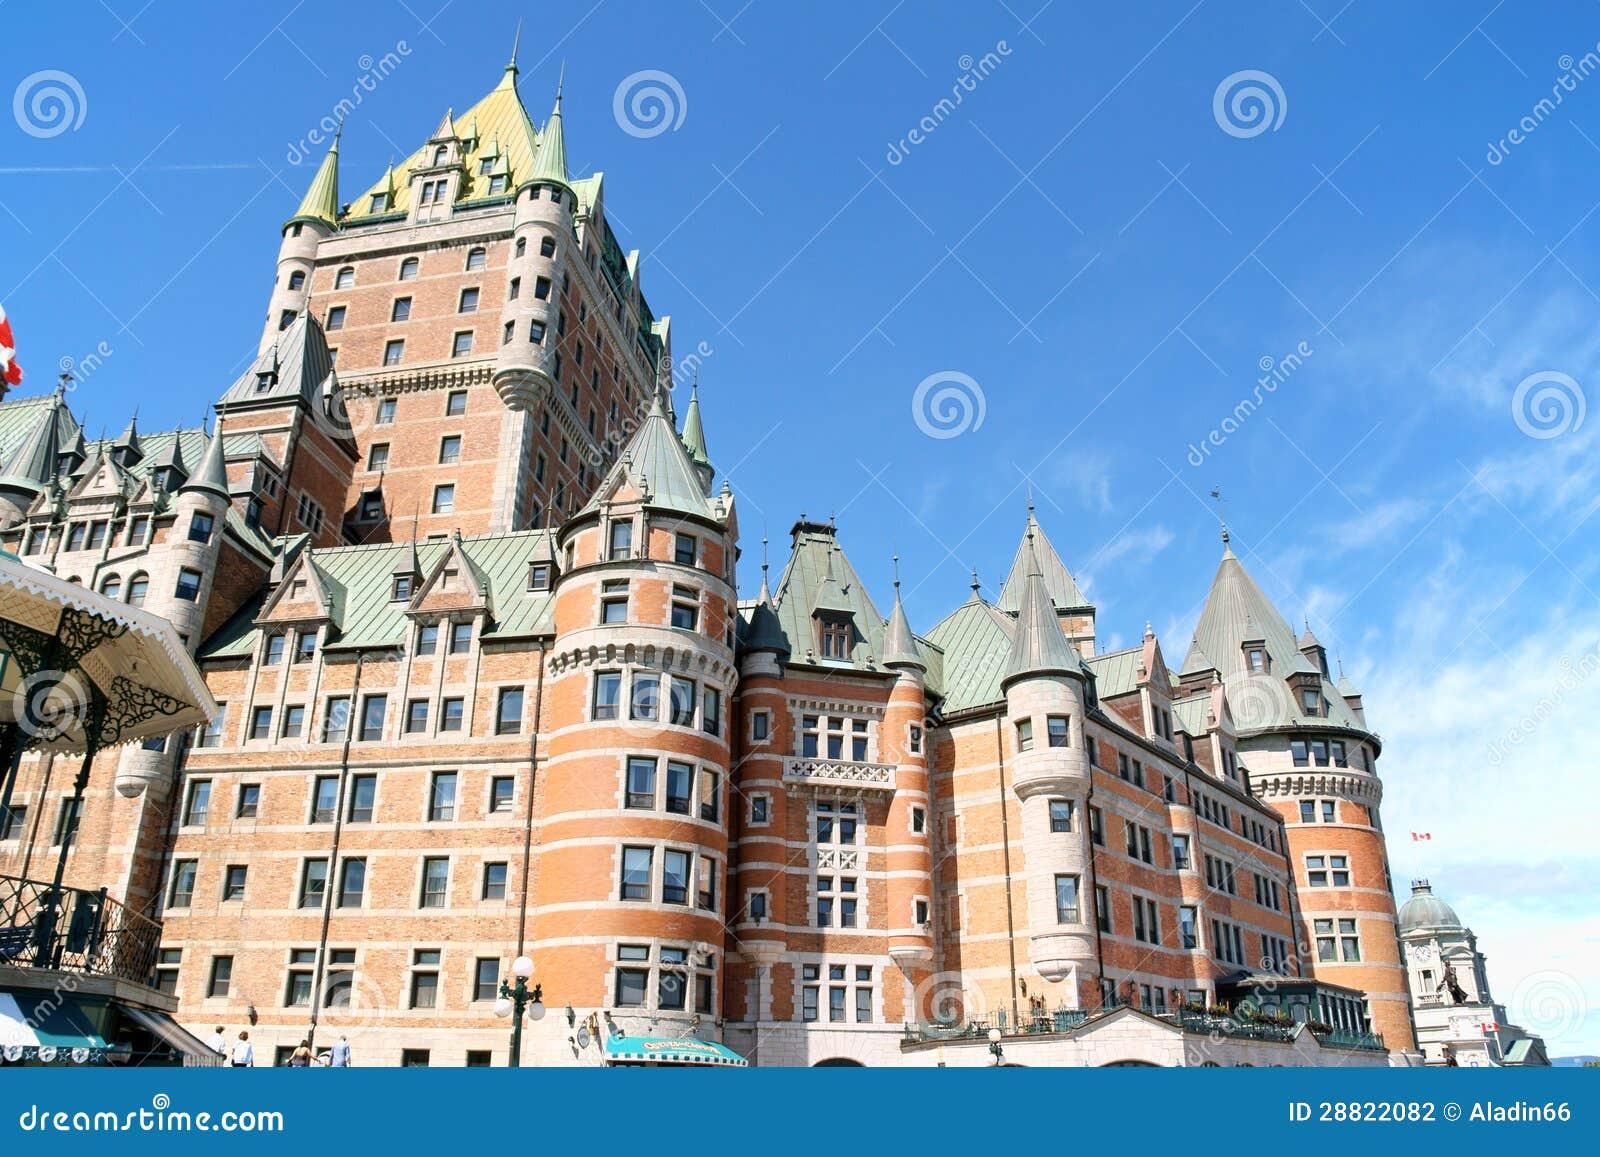 Quebec ice hotel interior chapel editorial image for Hotel design quebec